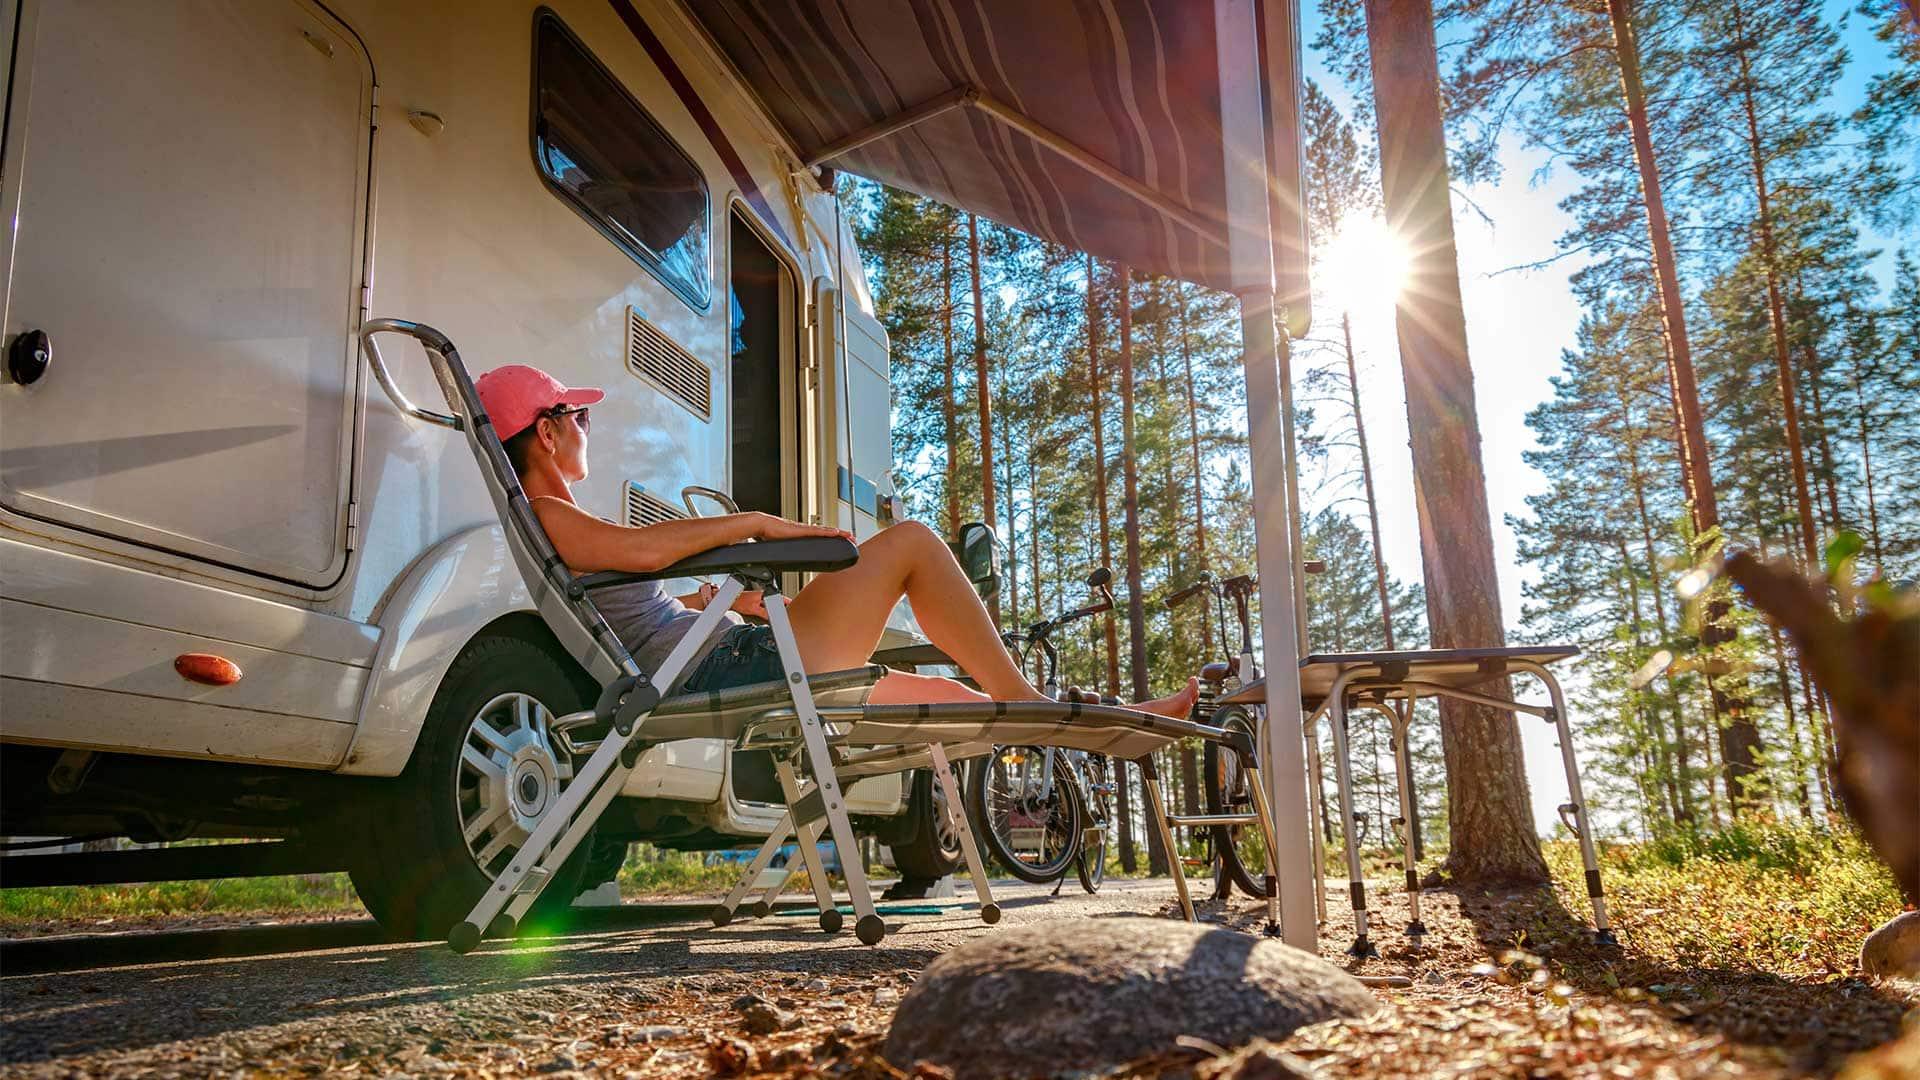 Familienurlaub mit dem Wohnmobil, Ferienreise in der Wohnsiedlung. Frau, die im Campingstuhl vor dem Wohnmobil sitzt.